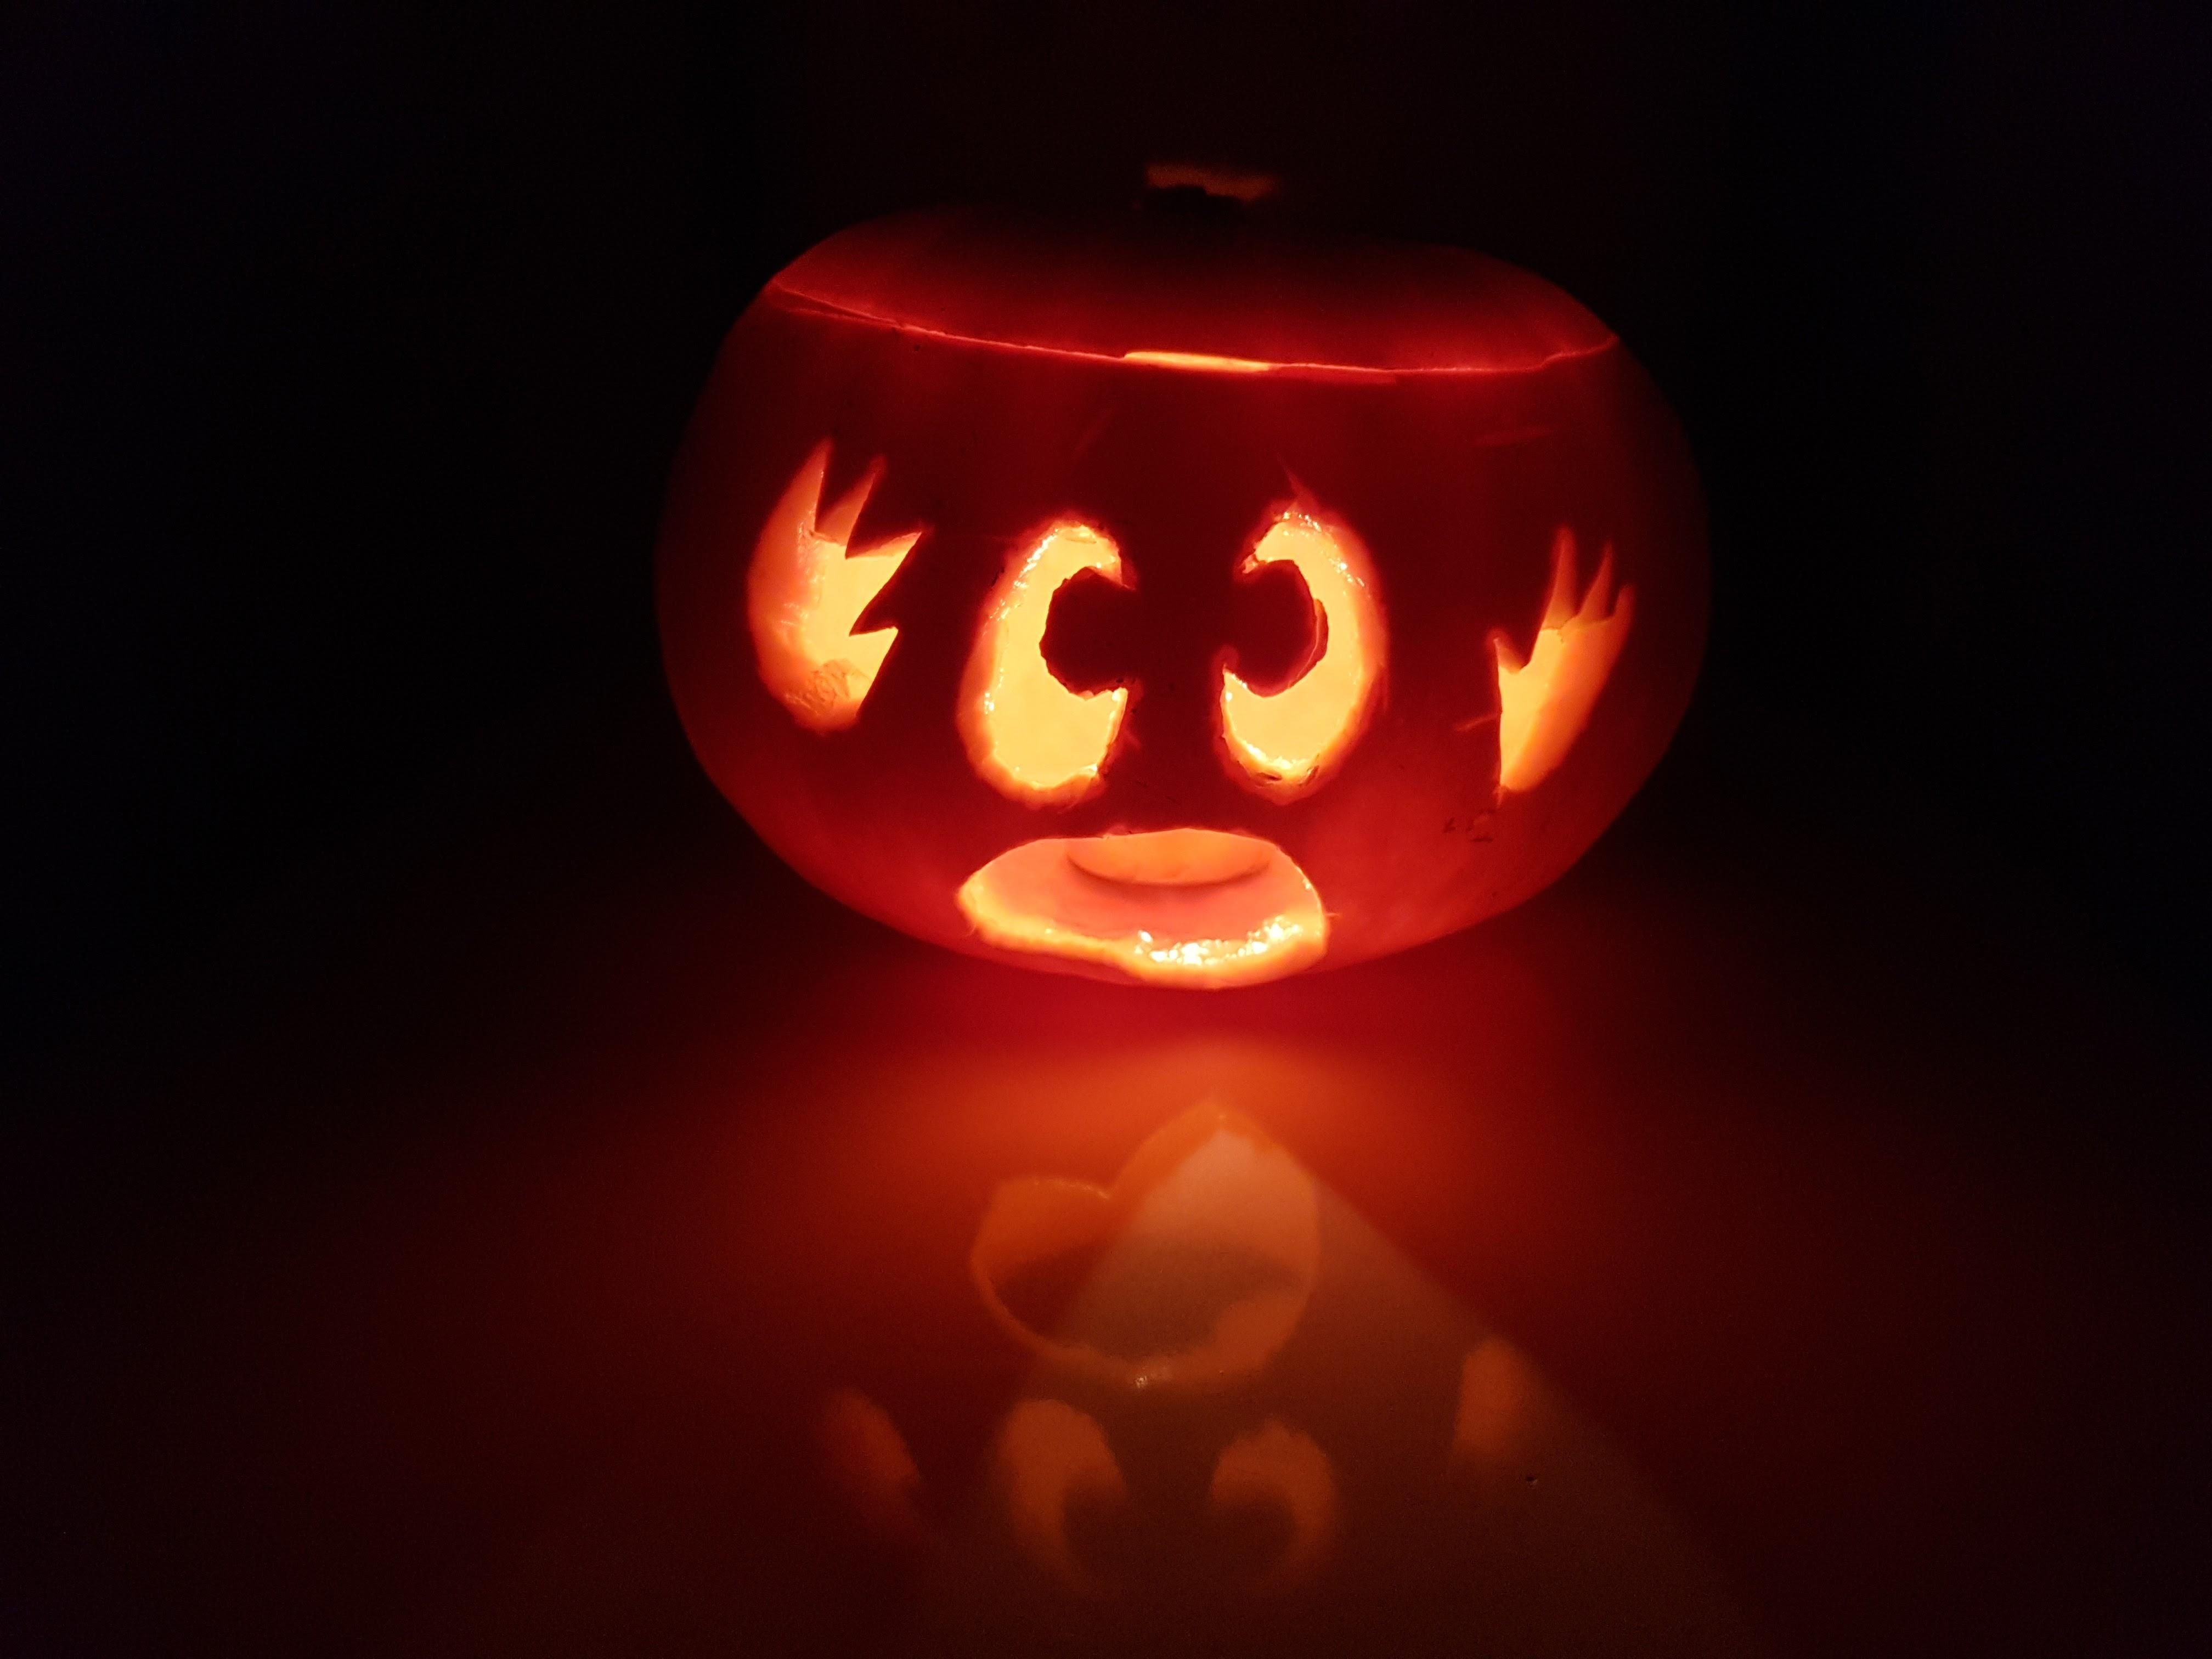 Pompoen Uithollen Halloween.Pompoen Uithollen Ik Vertel Je Hoe Messymommy